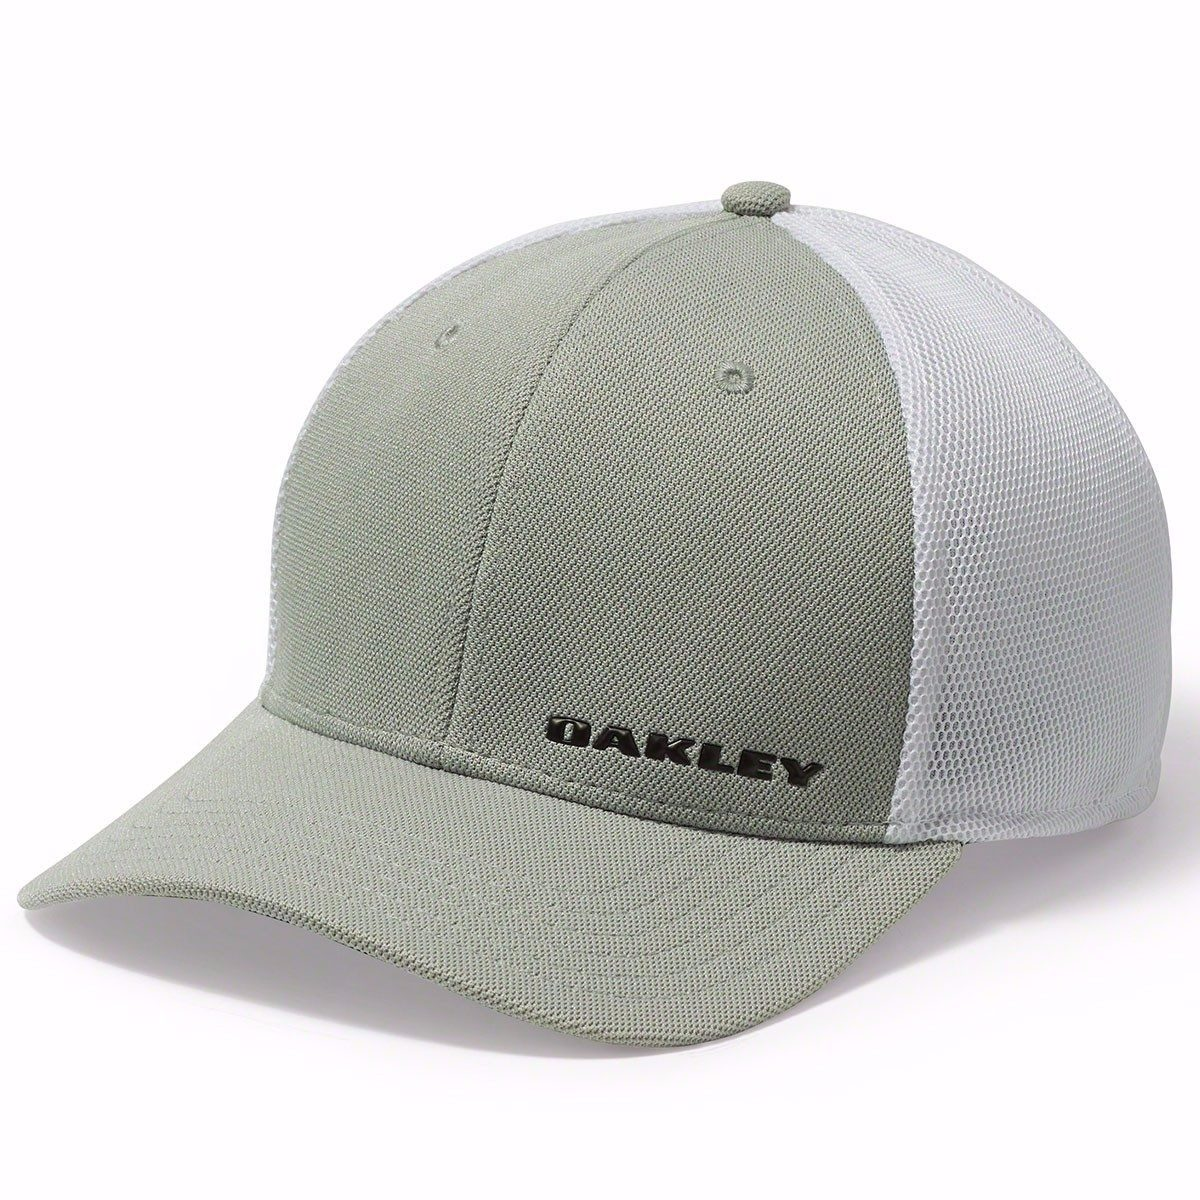 gorras oakley blanca gris talla sm flex elastica originales. Cargando zoom. b05b0a961c5